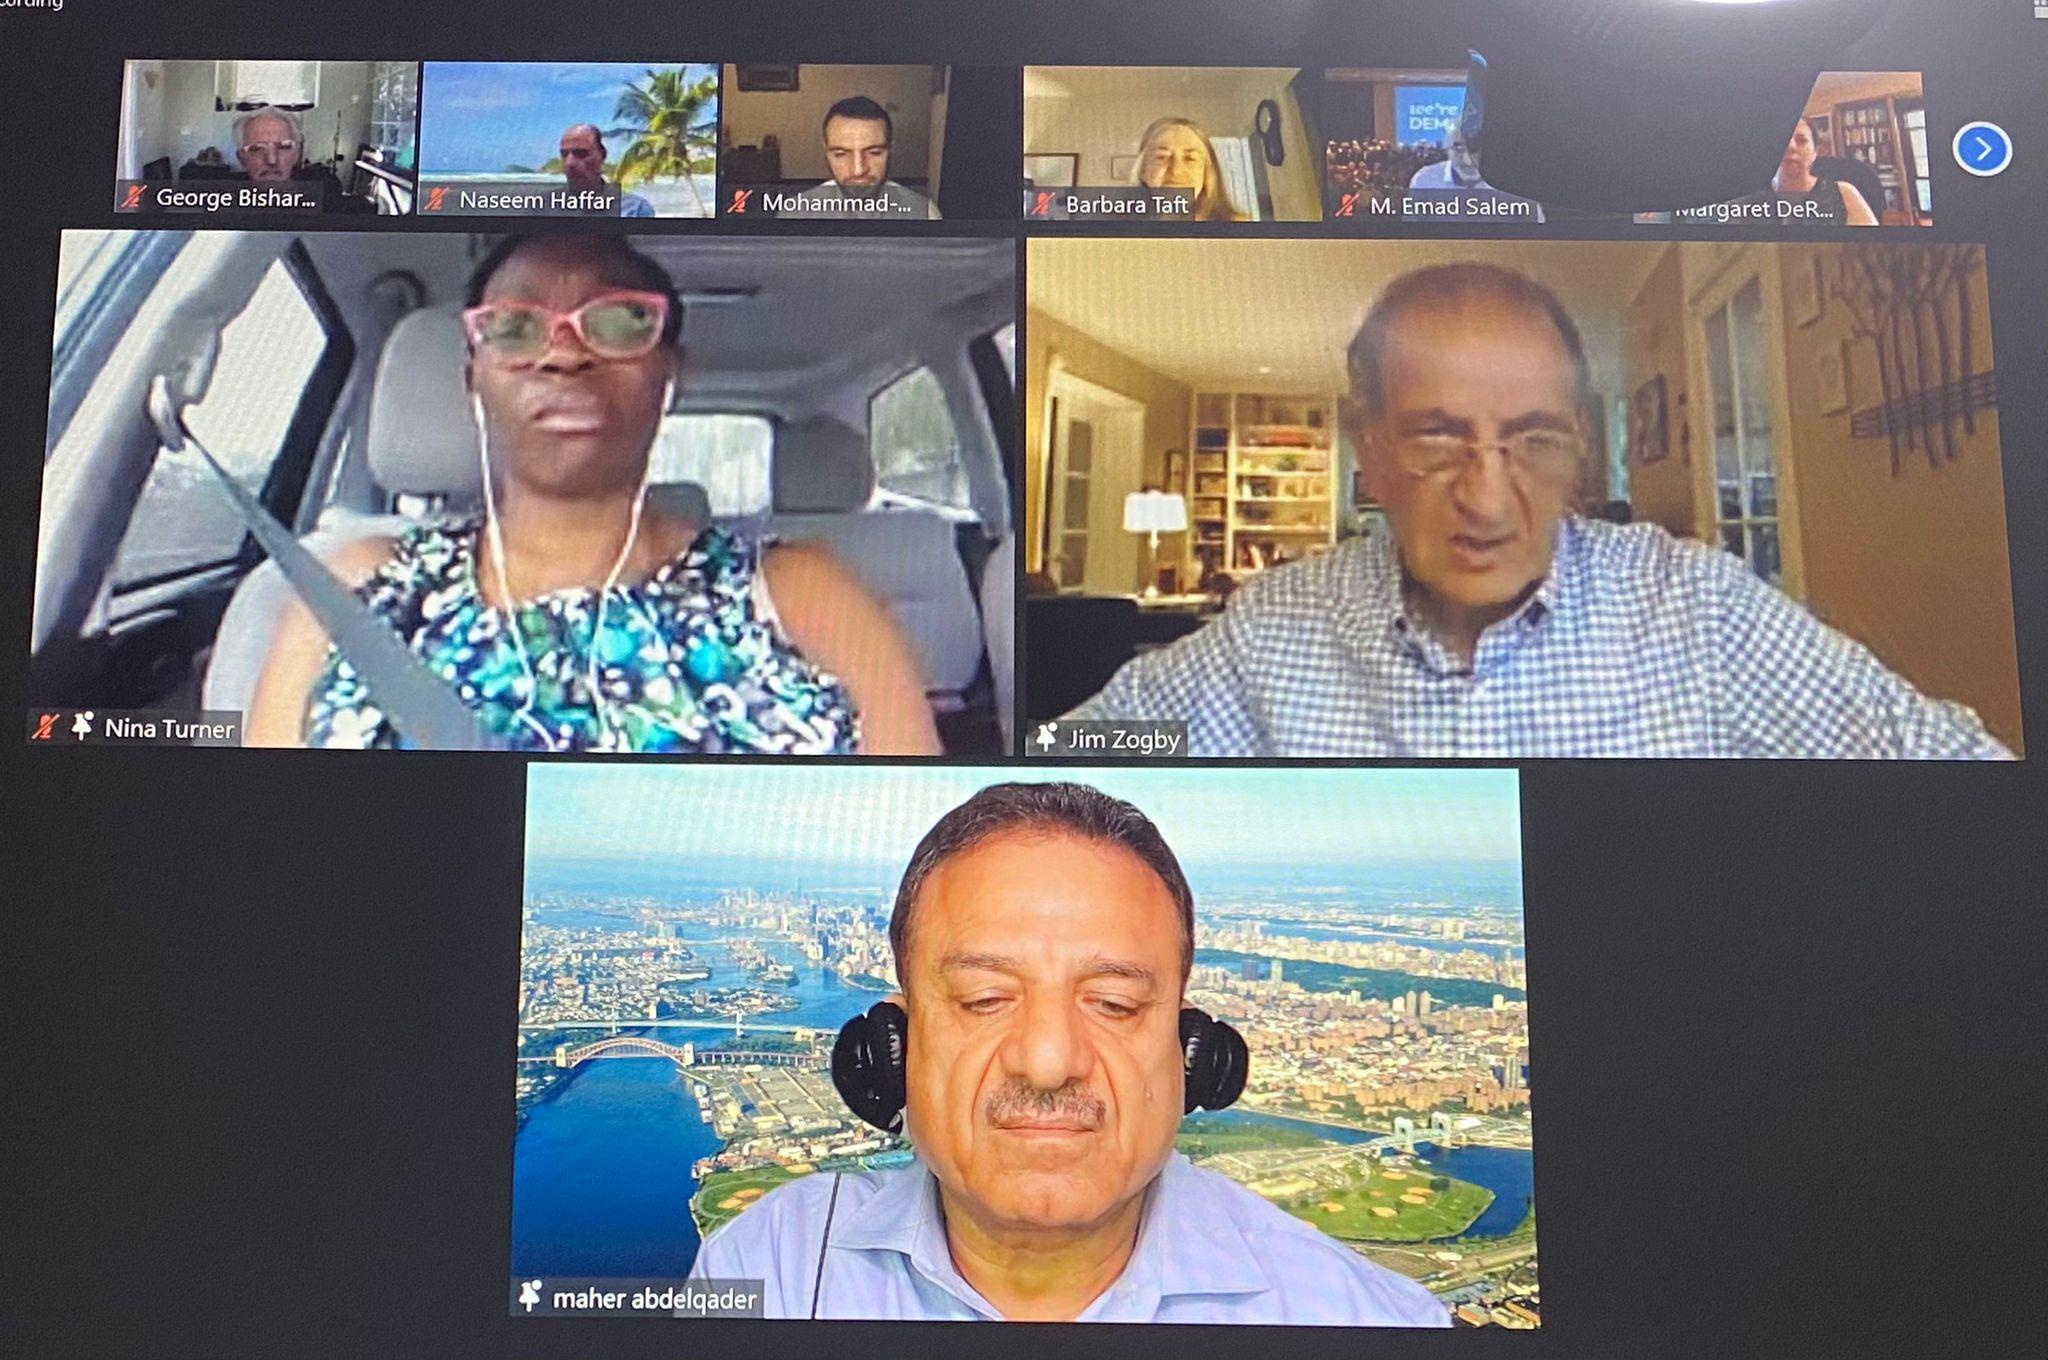 لقاء للجالية العربية الامريكية دعما لمرشحة الكنغرس الامريكي تيرنر